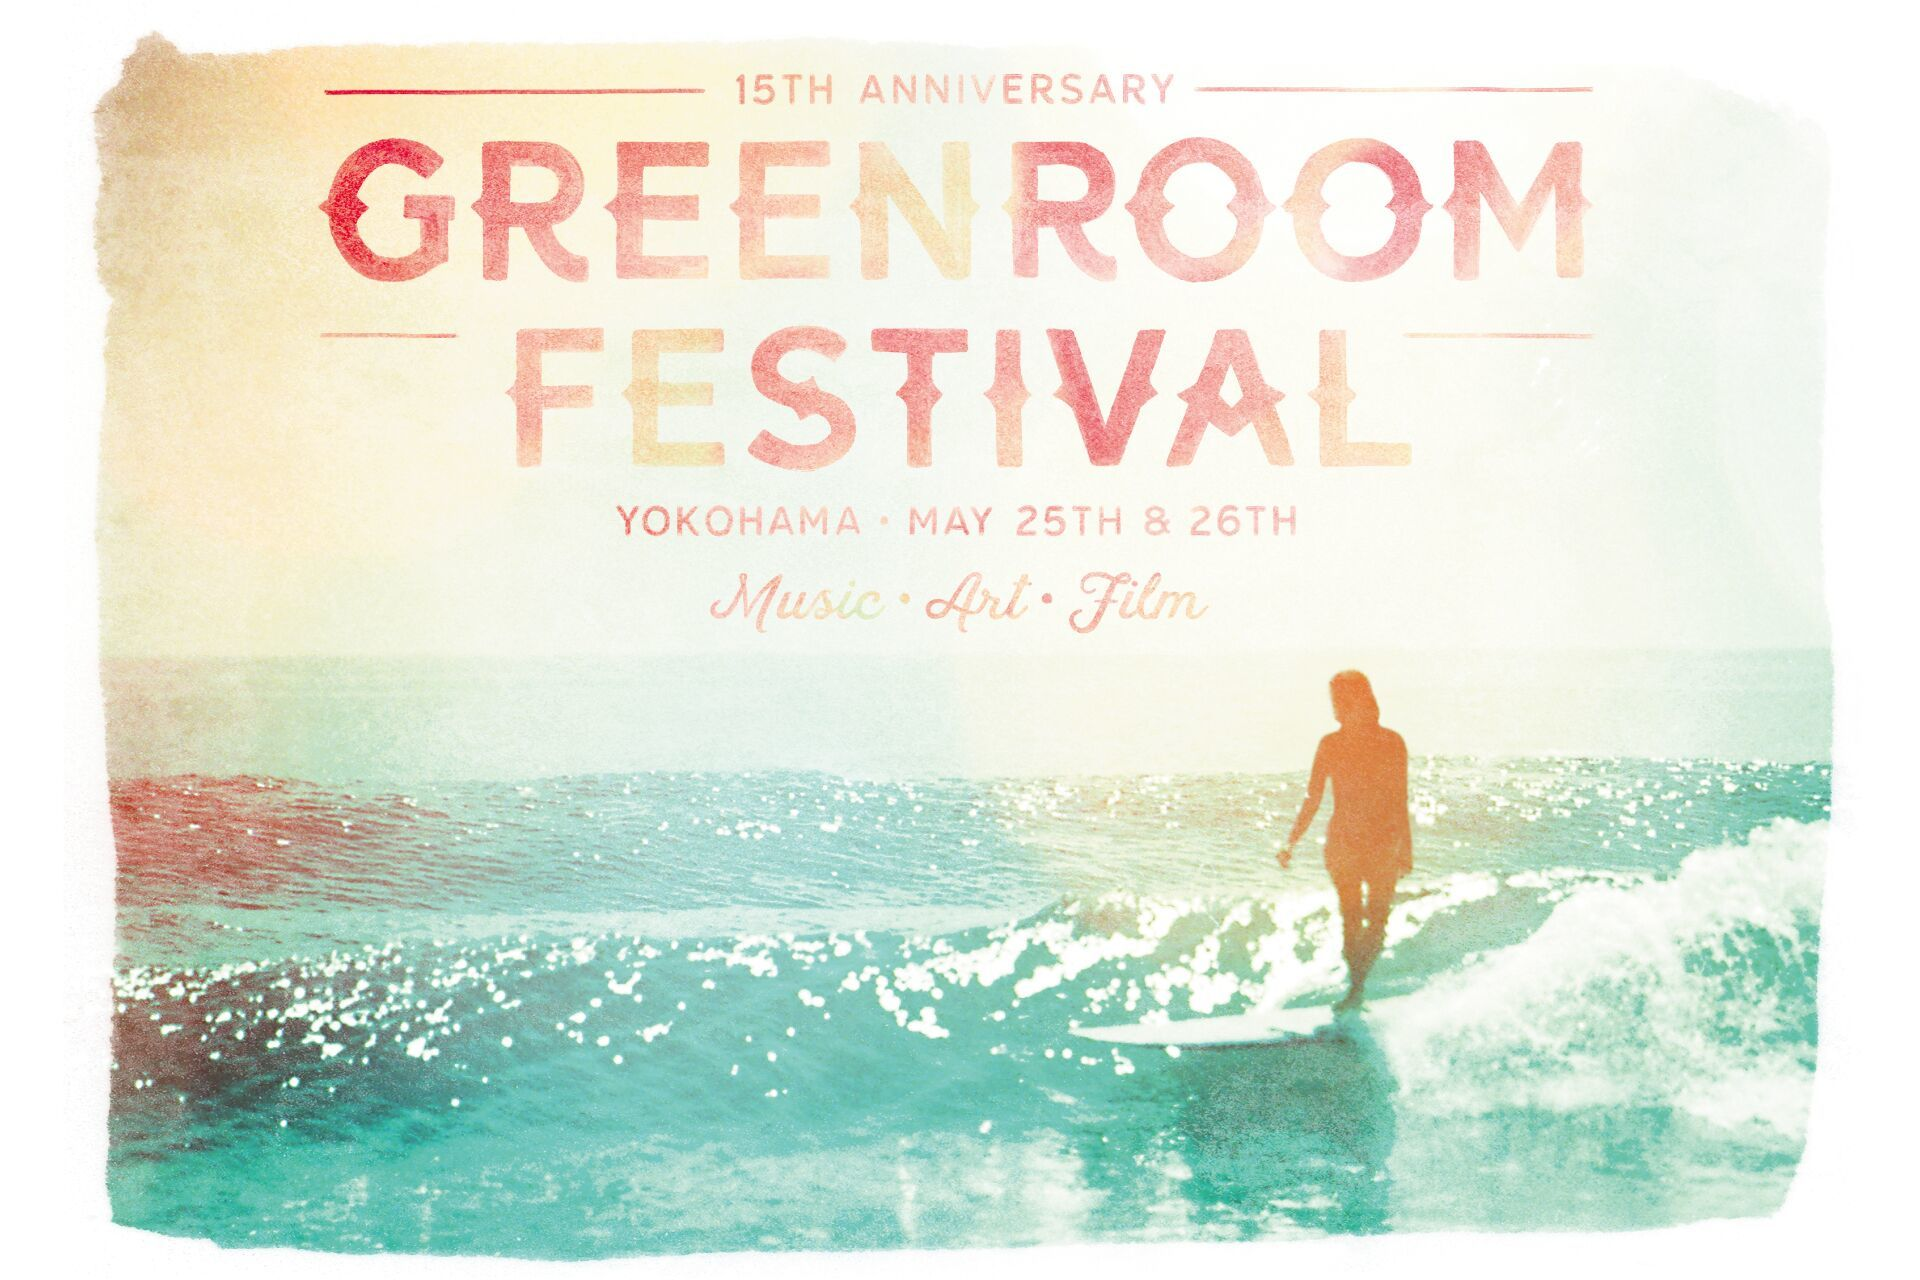 GREENROOM FESTIVAL'19